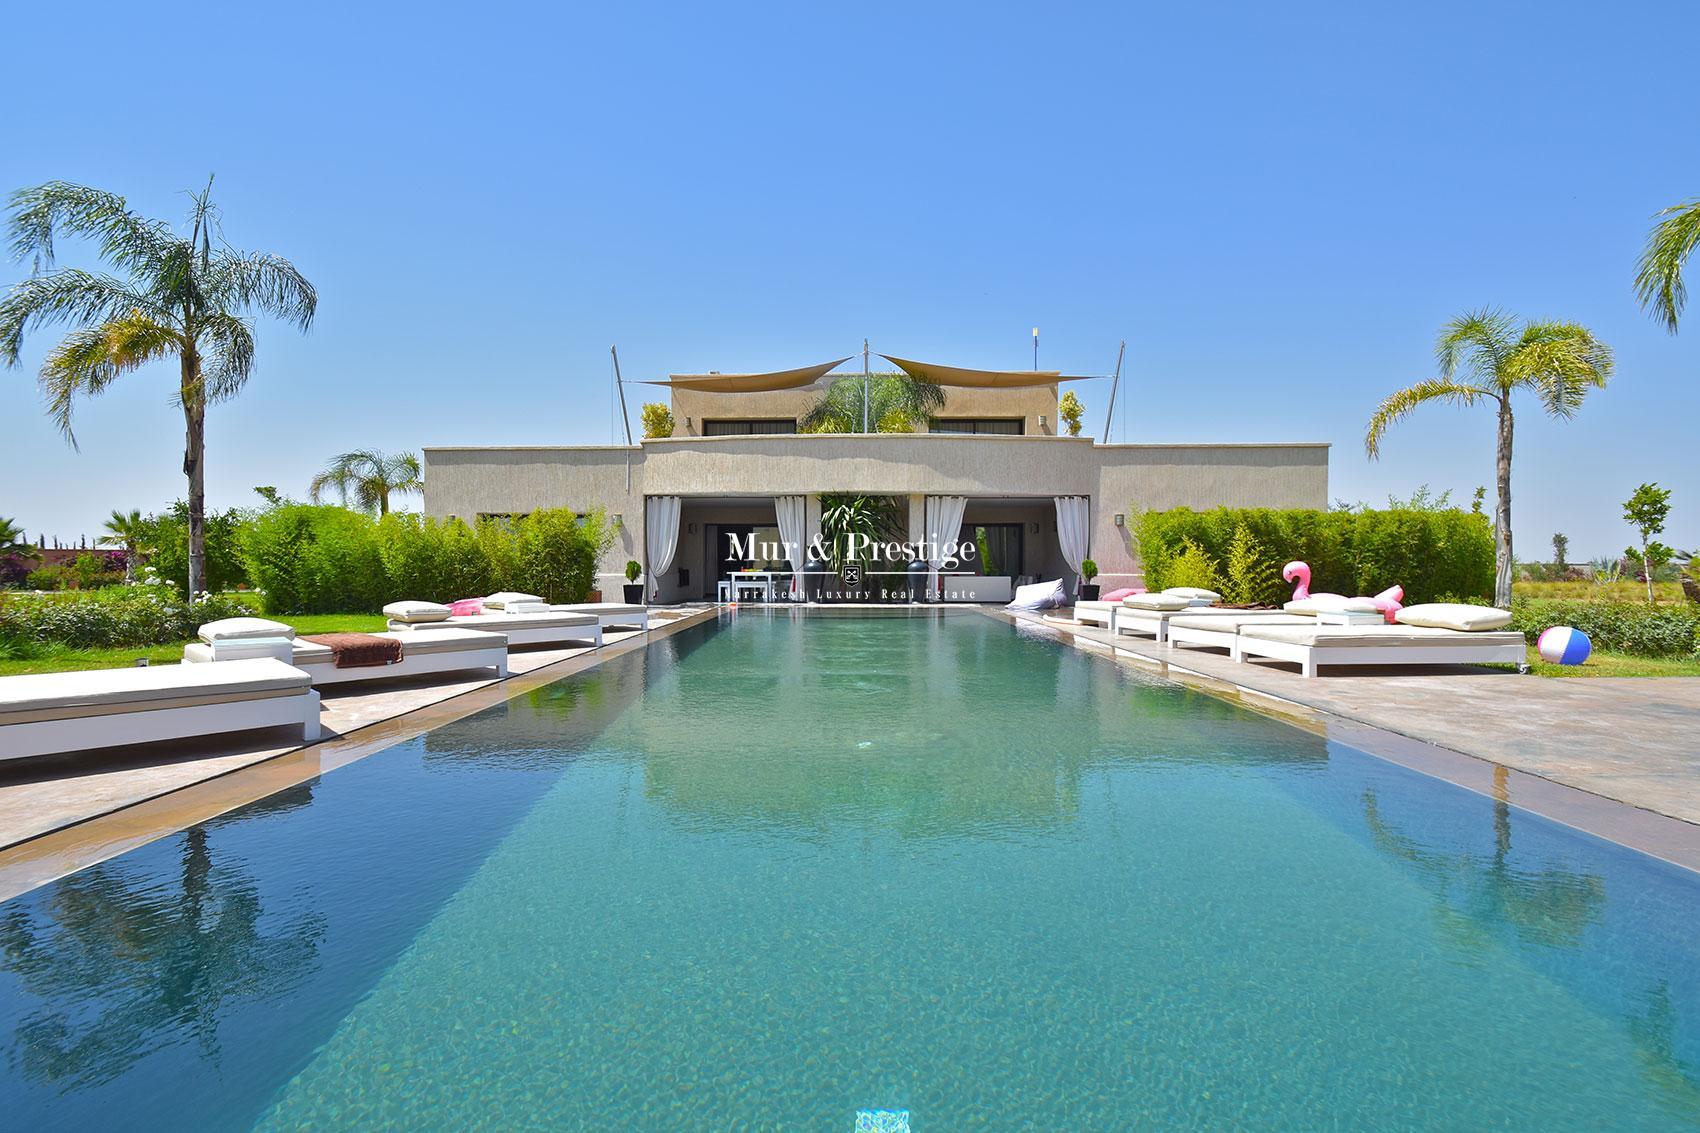 Propriete a la vente Marrakech